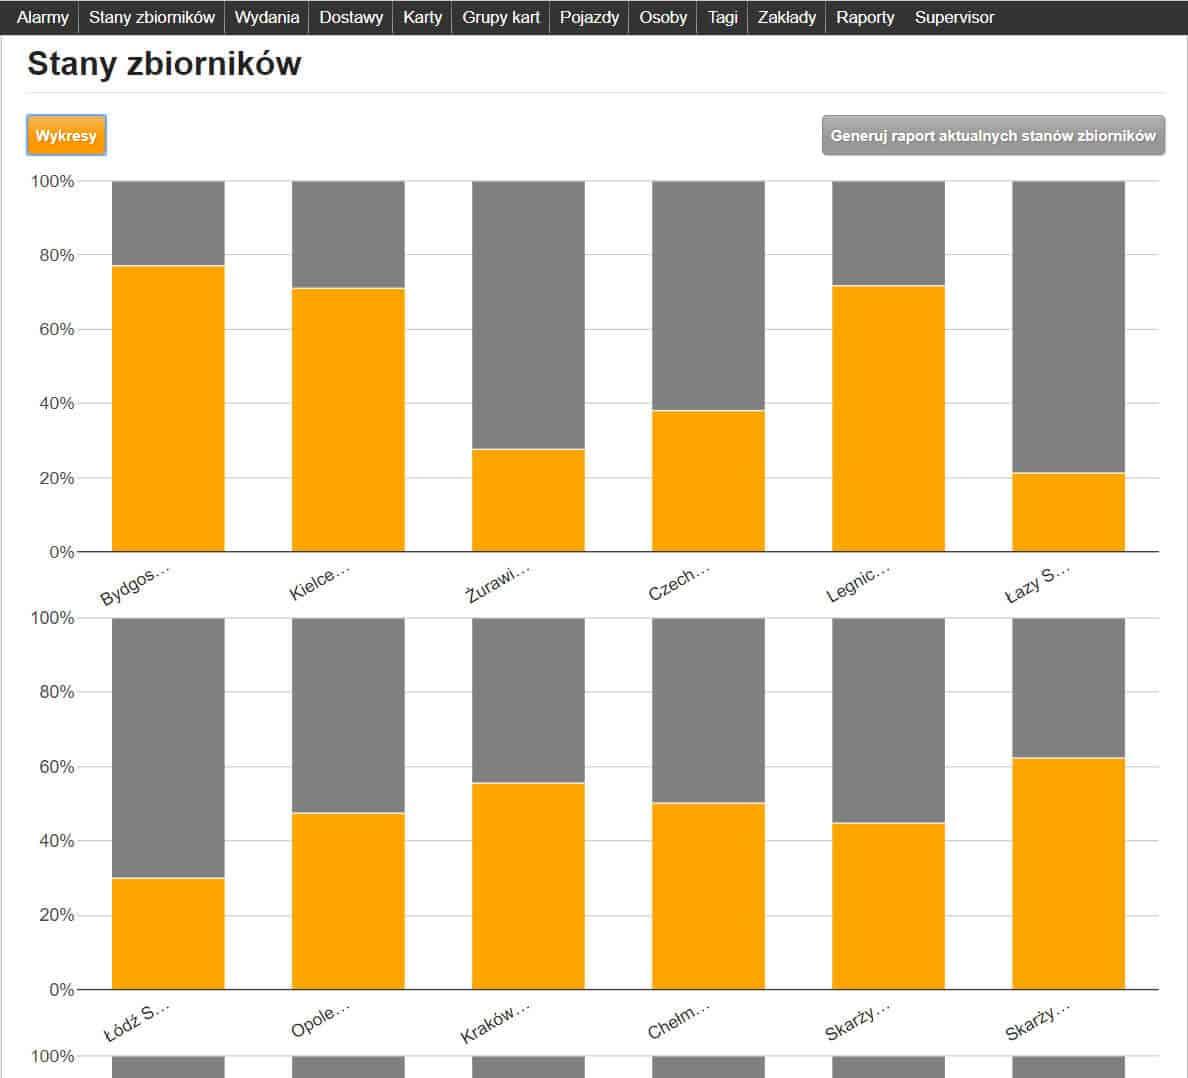 Wykresy aktualnych stanów zbiorników na wielu stacjach